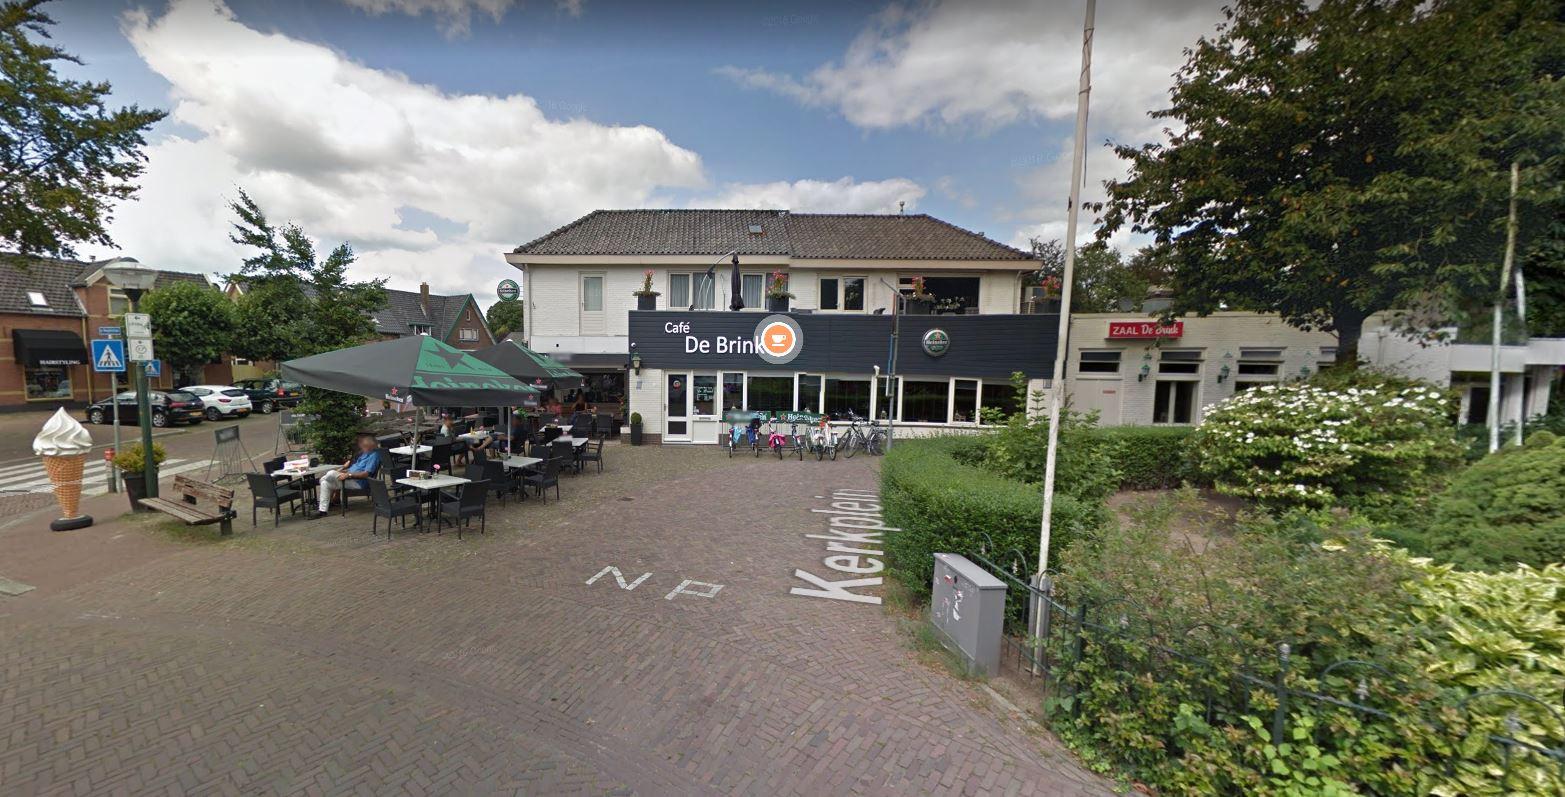 Café De Brink in Bathmen houdt dit weekeinde uit voorzorg de deuren gesloten vanwege coronabesmettingen in het dorp.